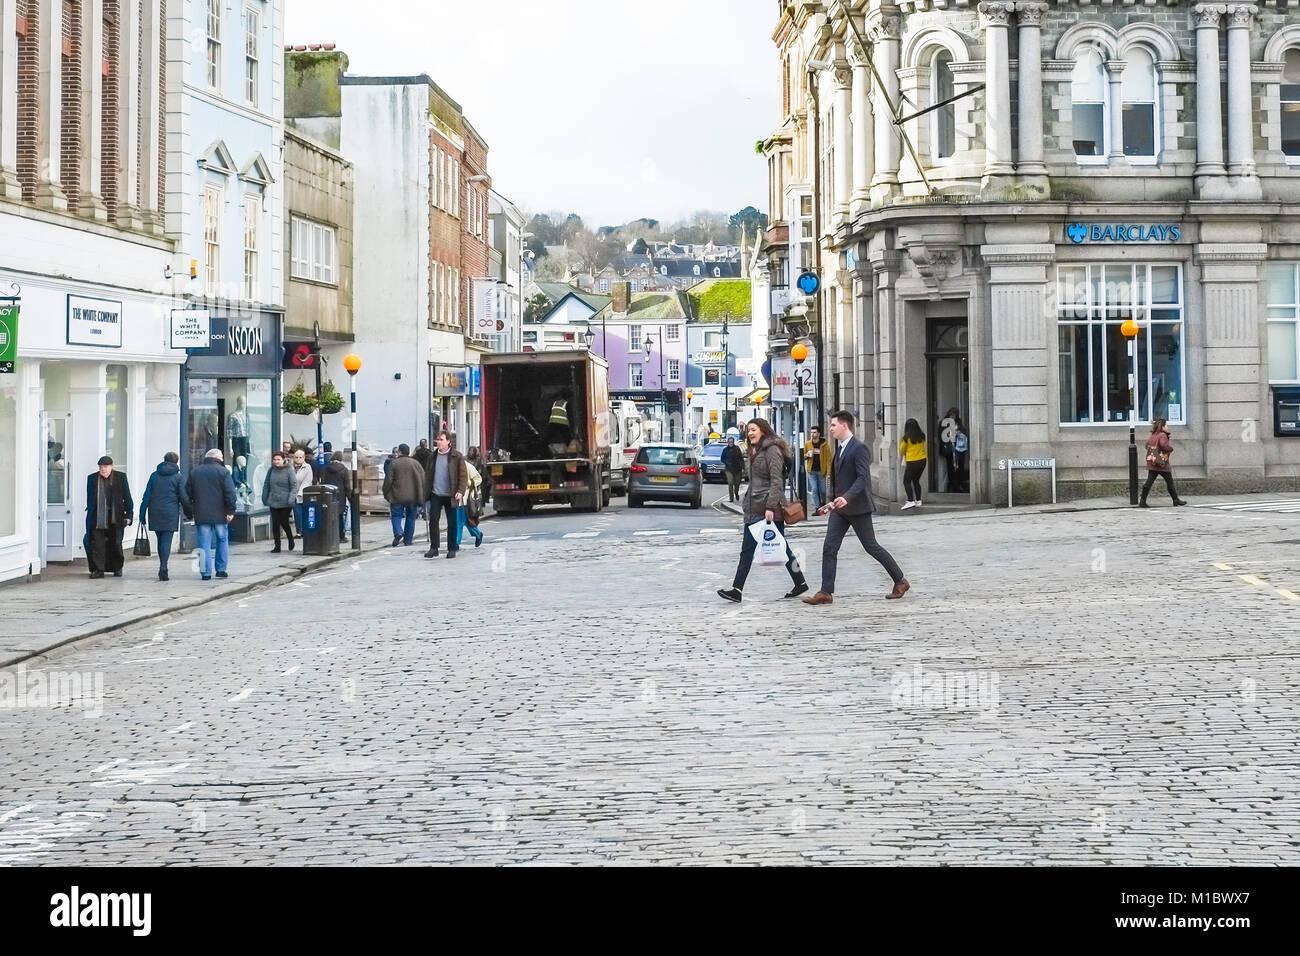 A cobblestone street in Truro City Centre in Cornwall. - Stock Image